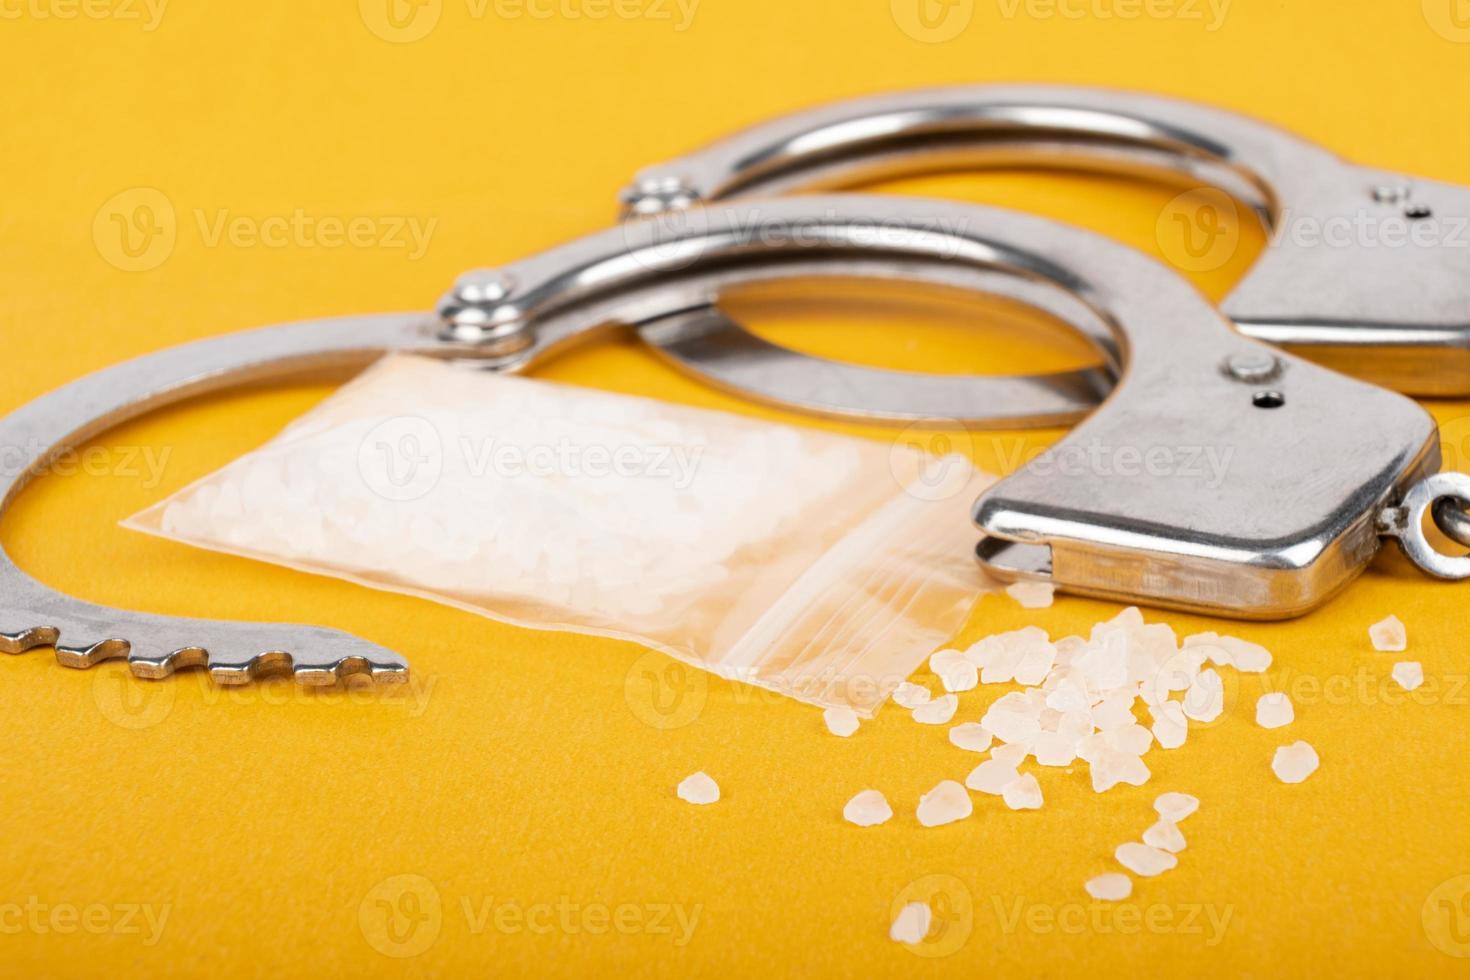 esposas y cristales de droga, arresto de un traficante de drogas foto